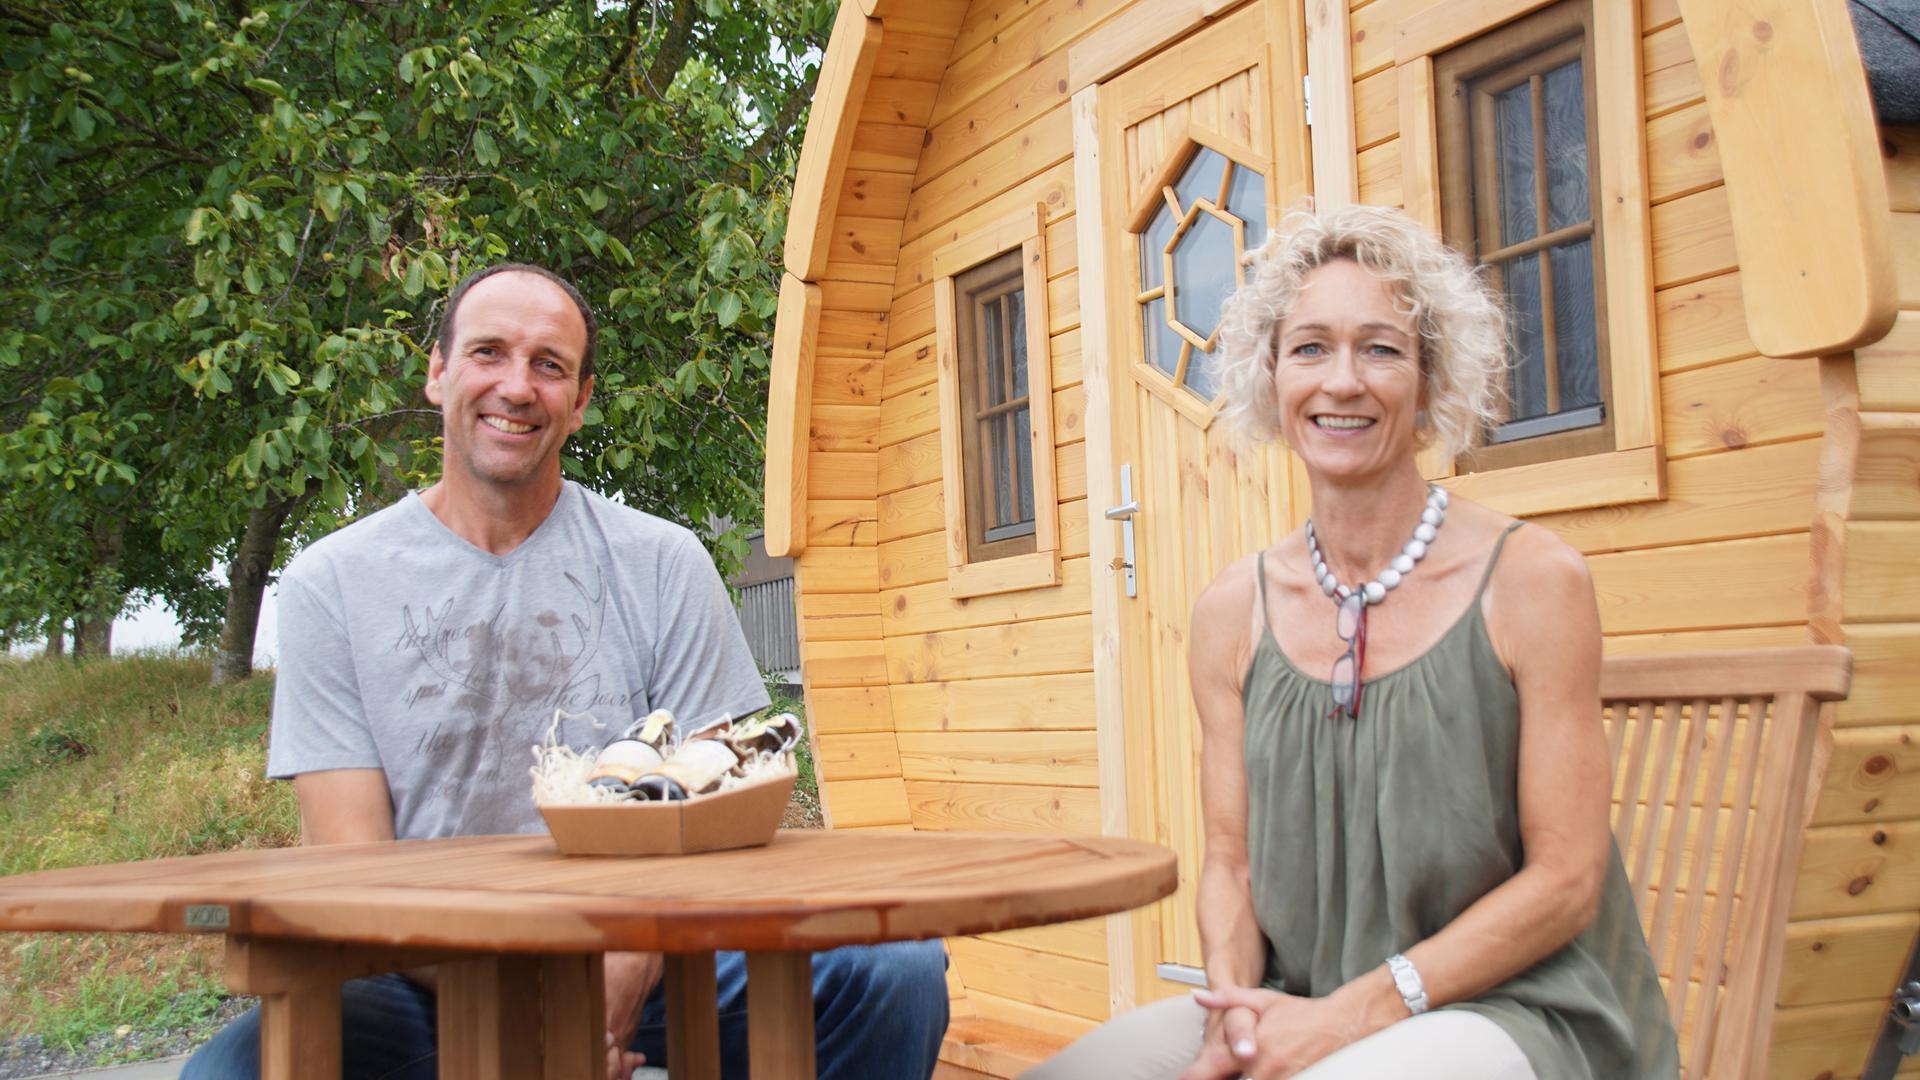 Sabine Büttner und Martin Ehrismann sitzen vor einem Holzfass im Grünen.